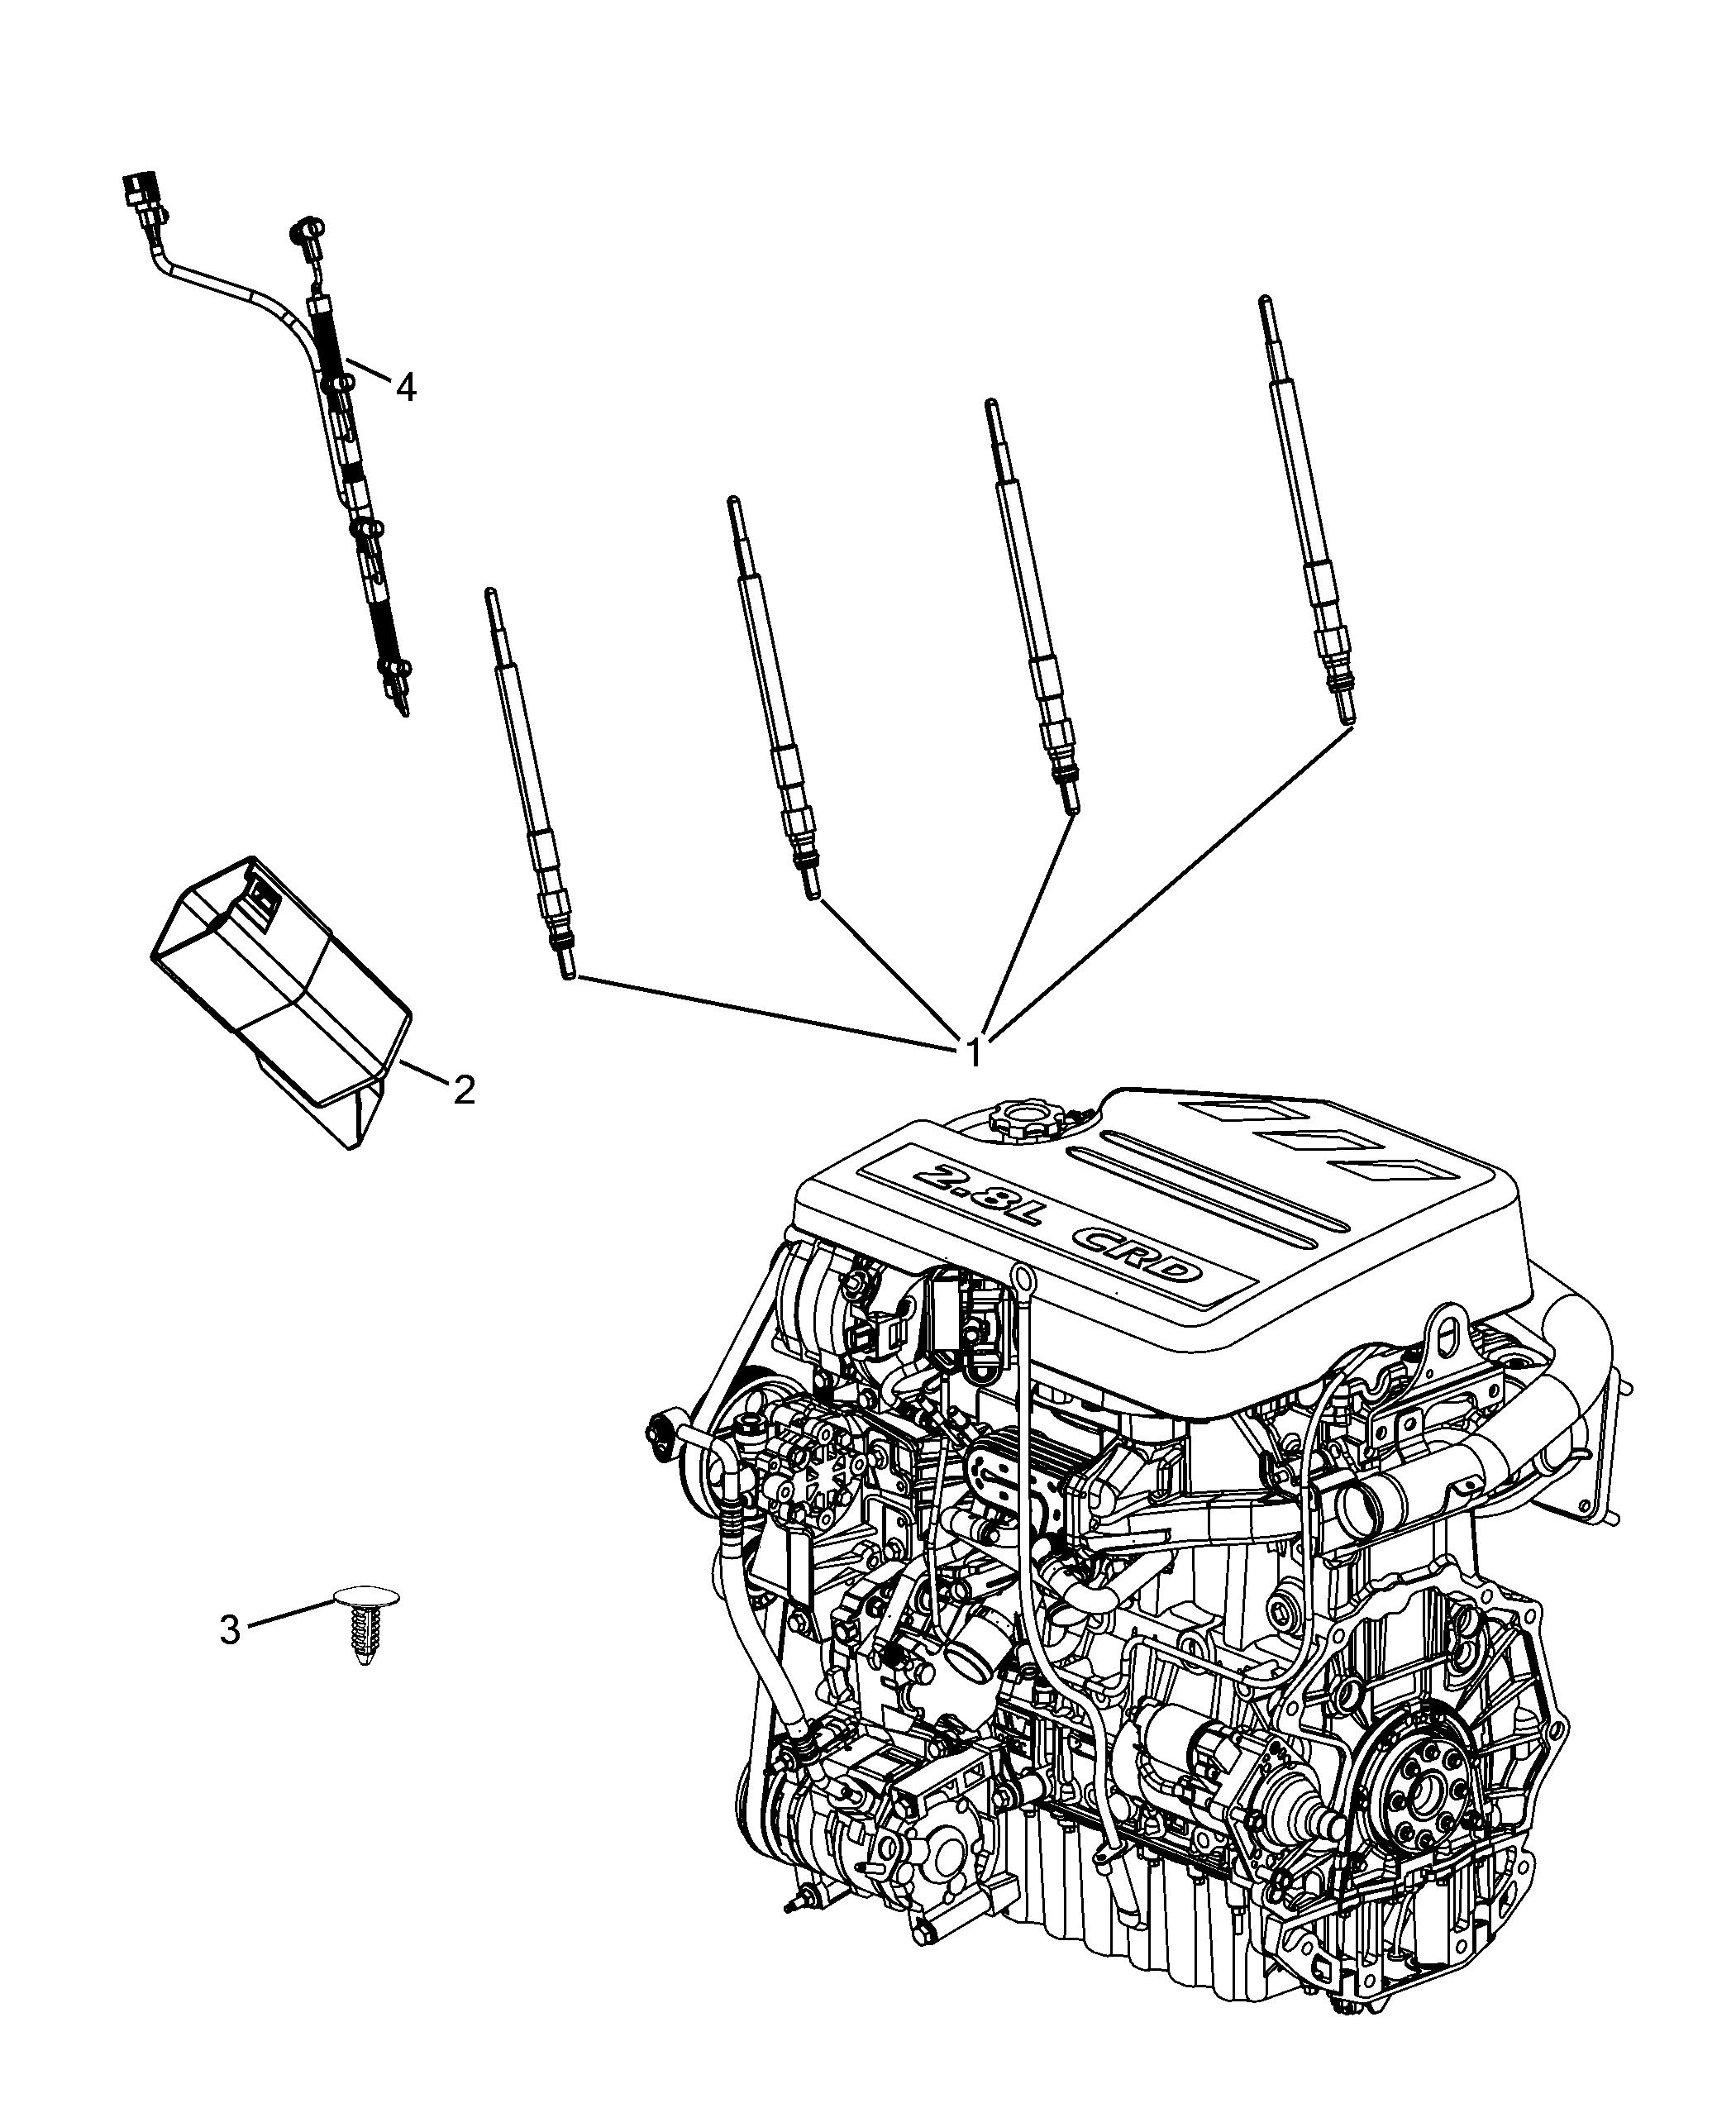 Chrysler, Dodge, Jeep Mopar.